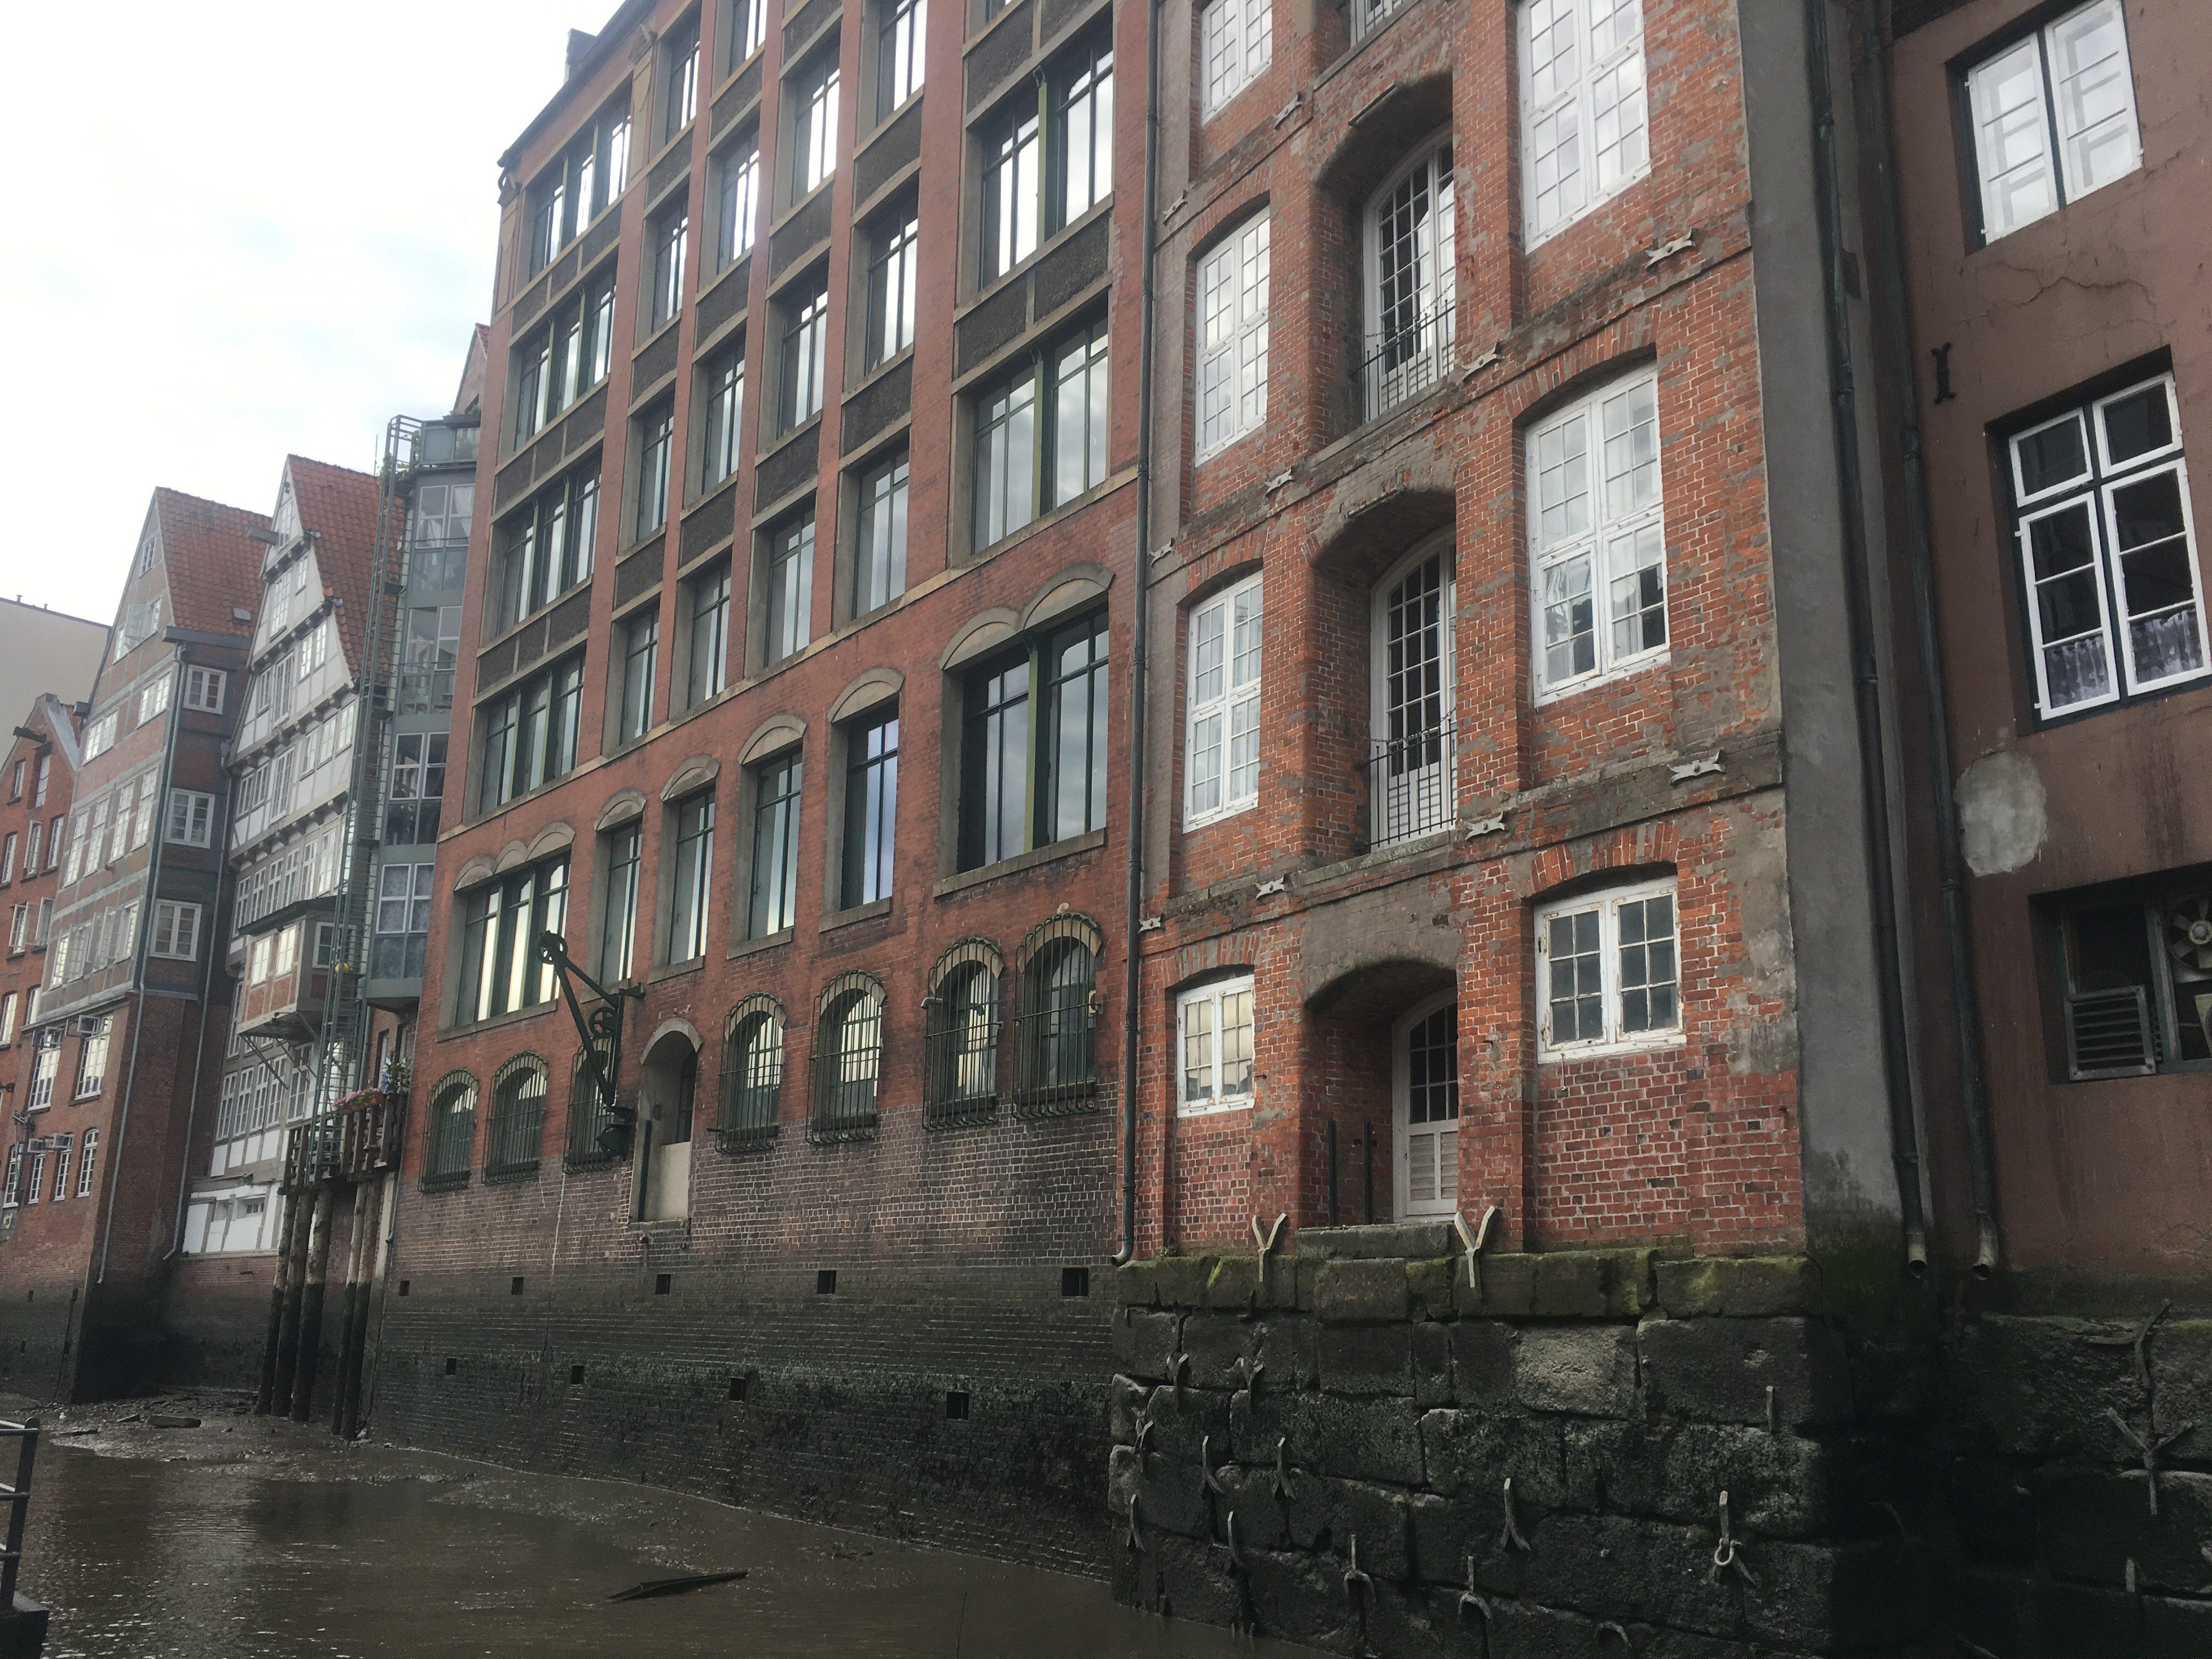 Sixteenth century houses in Hamburg